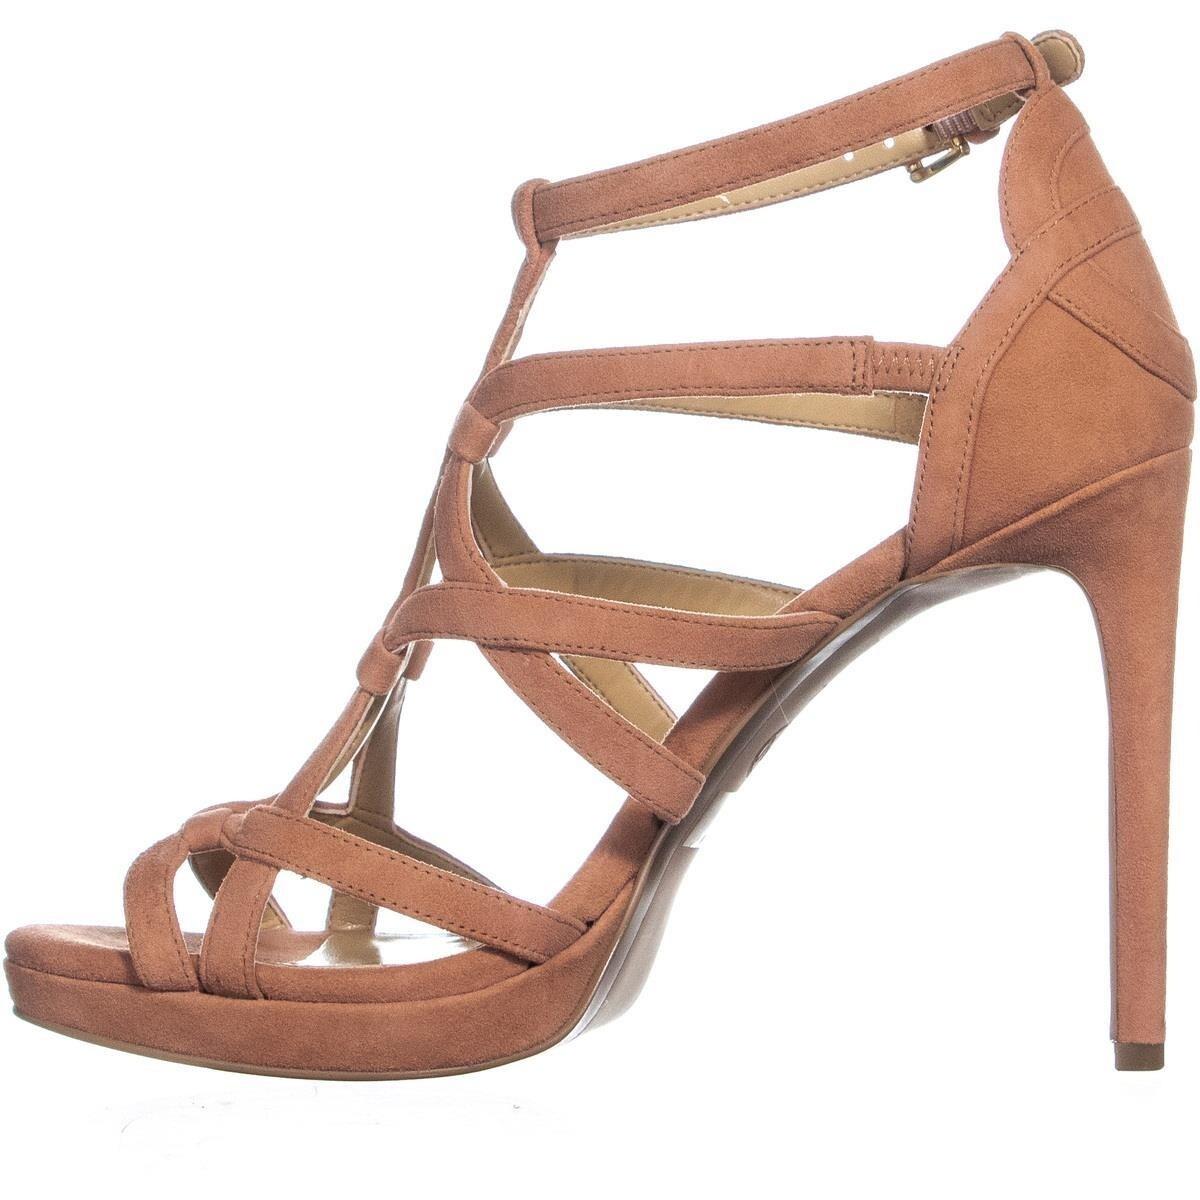 cd3558e9194 Shop Michael Kors Sandra Platform Strappy Stiletto Sandals